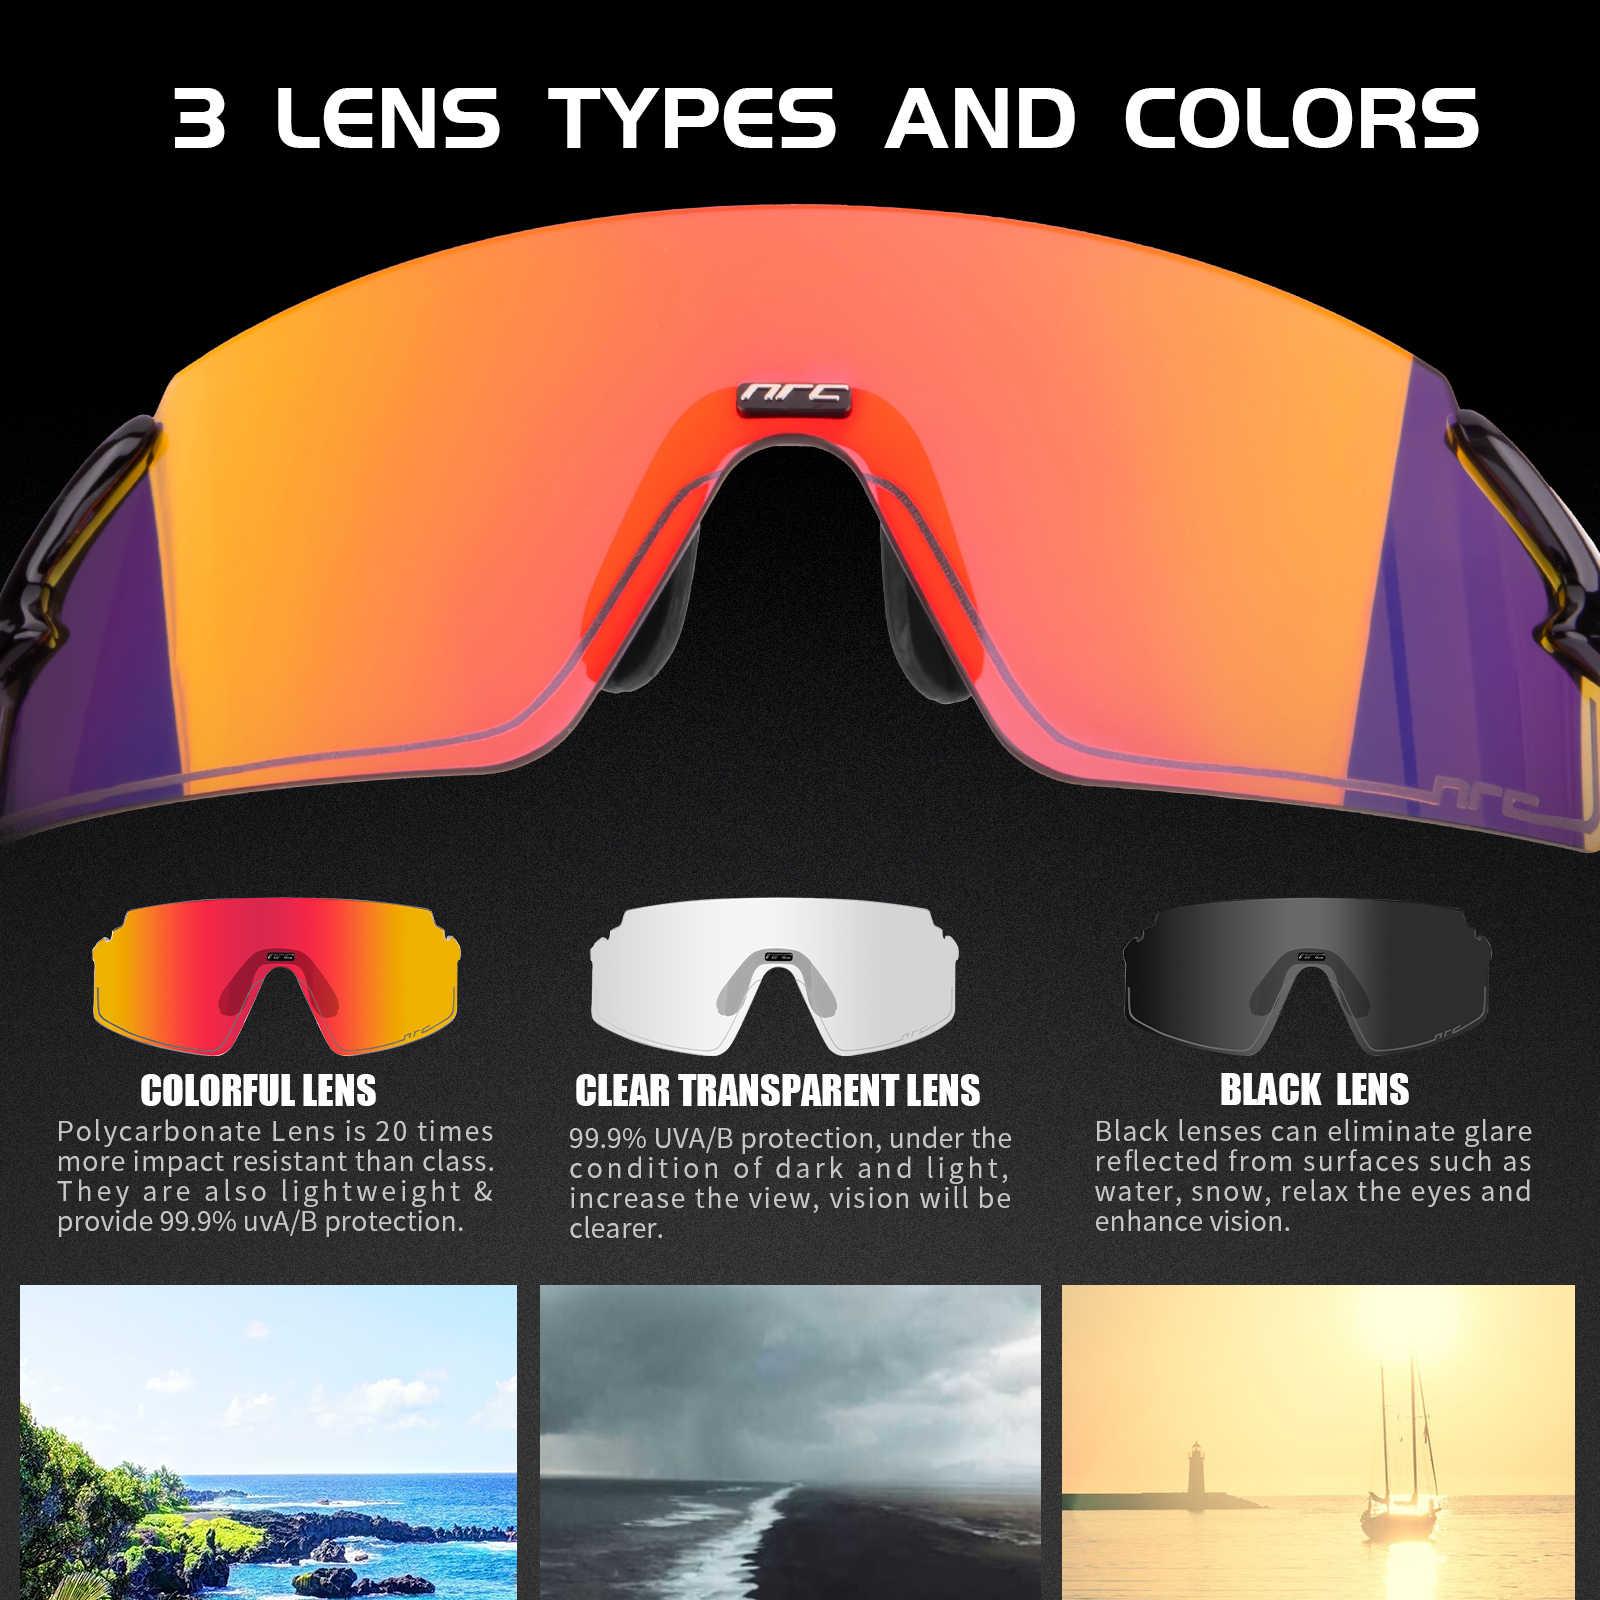 Новые велосипедные очки с 3 линзами для мужчин и женщин, спортивные очки для велоспорта на открытом воздухе, велосипедные очки, велосипедные солнцезащитные очки для горного велосипеда, велосипедные очки